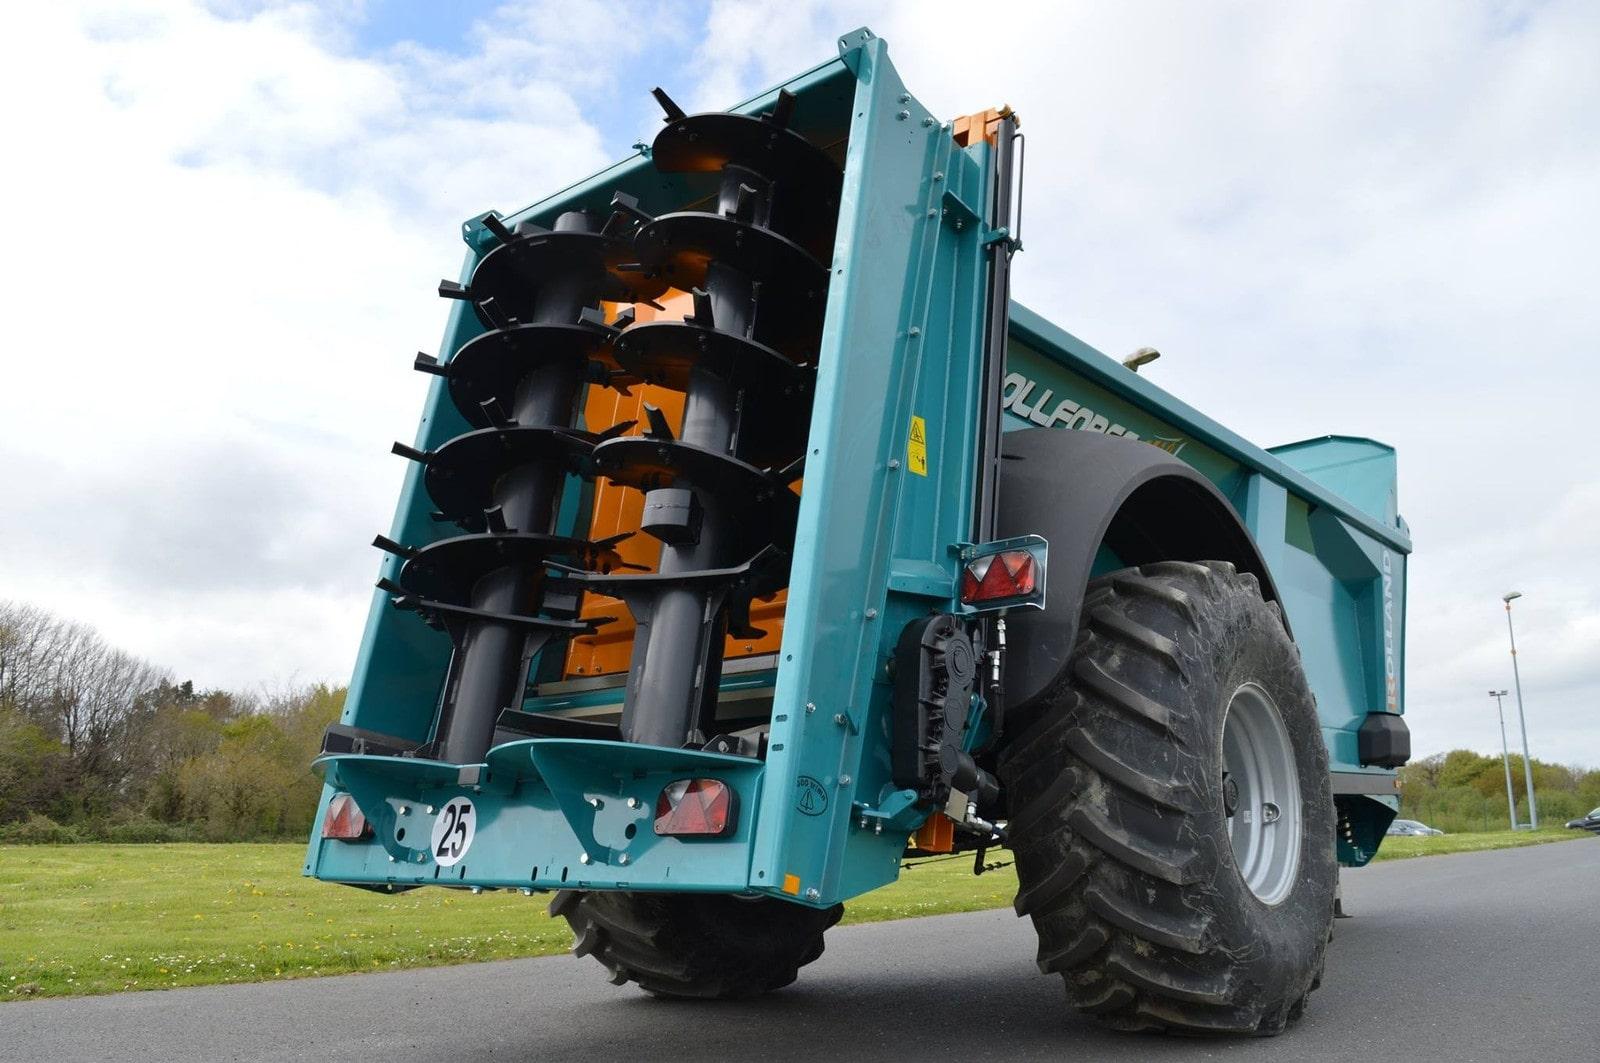 Rolland Rollforce 5514 tørrgjødselvogn